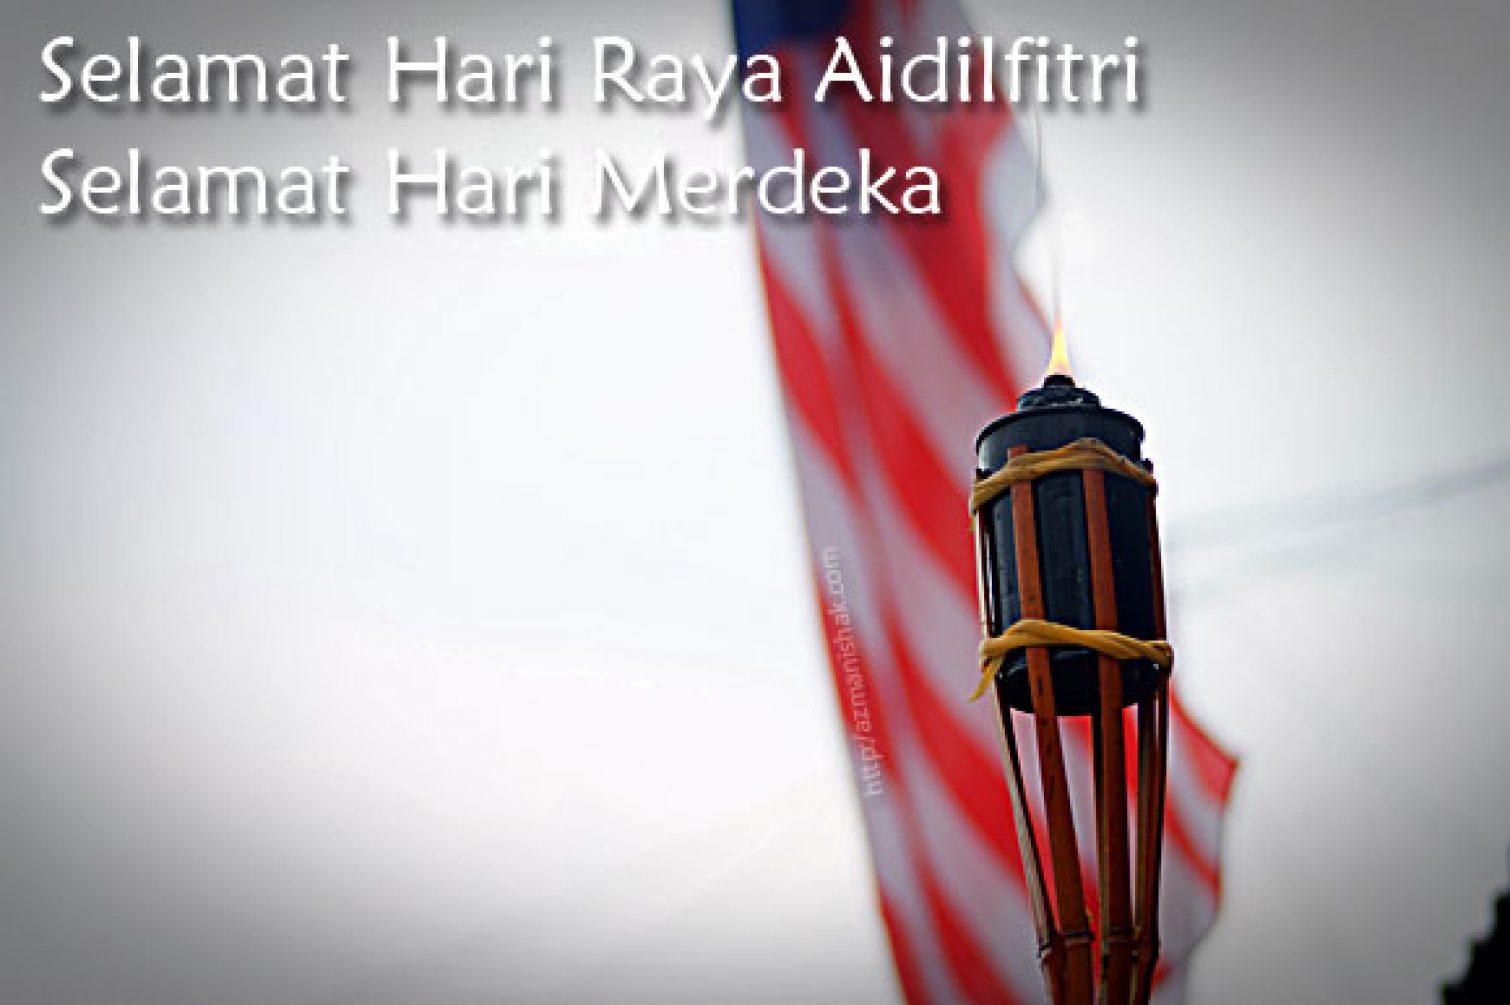 Aidilfitri 2011 dan MERDEKA – Maran Pahang